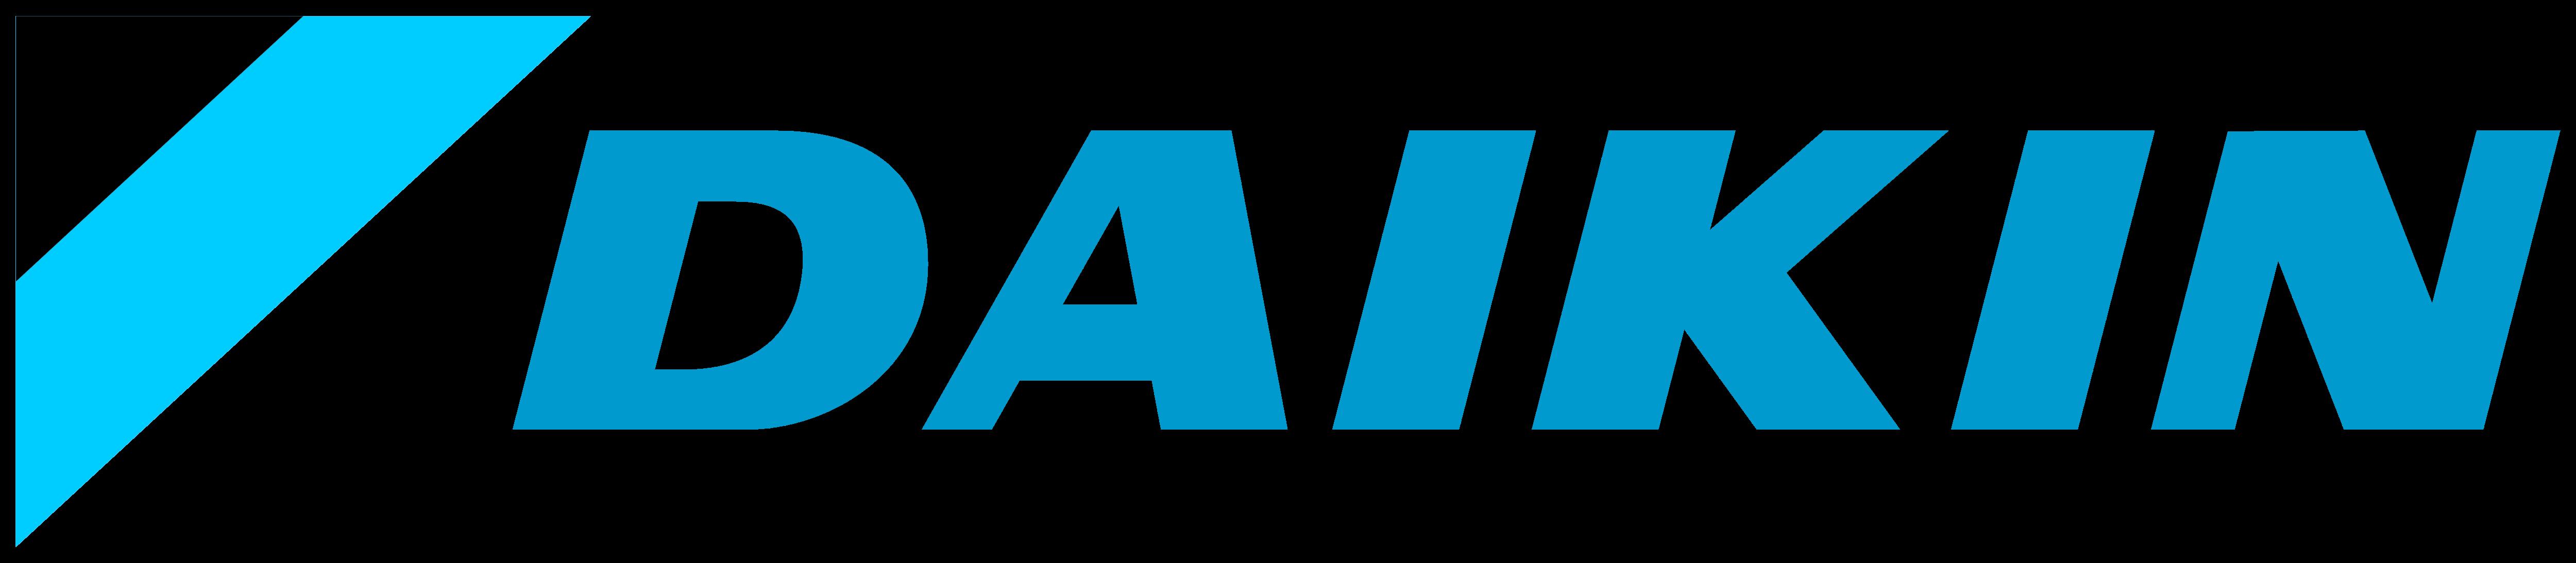 Daikin Logo Wallpaper